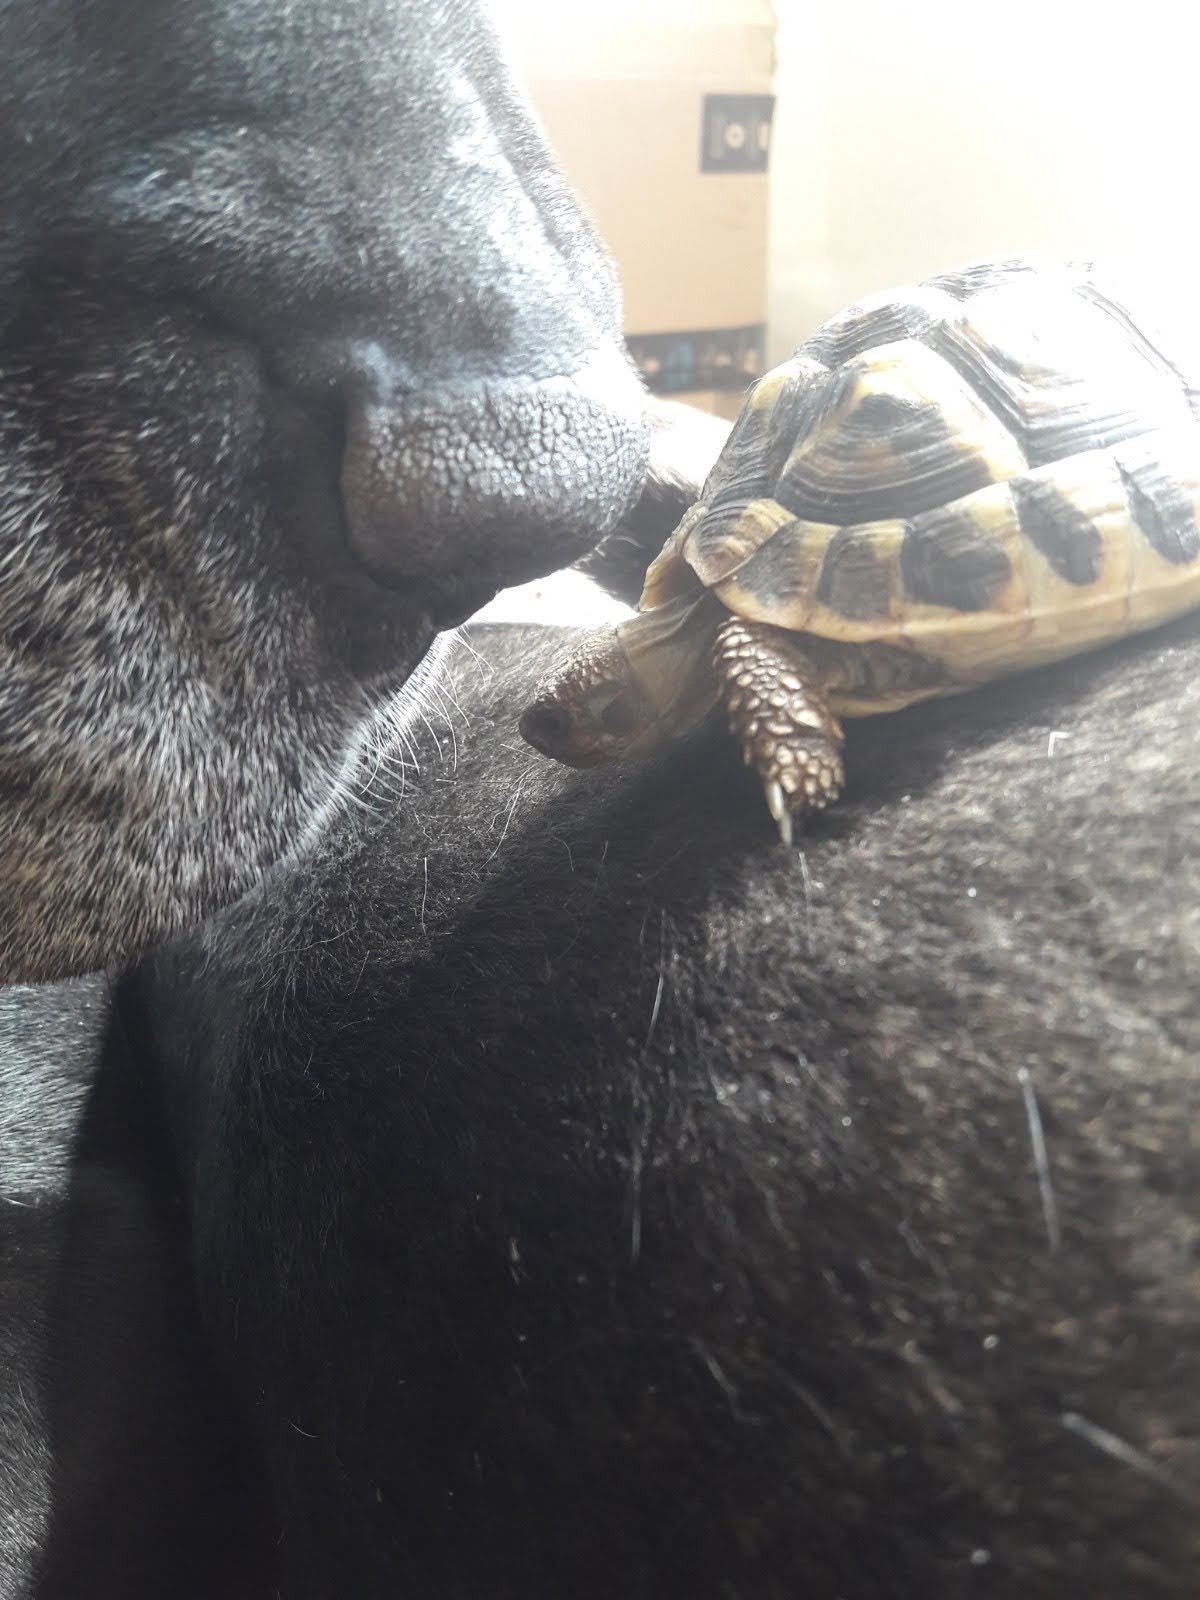 Griechische Landschildkröte und Hund